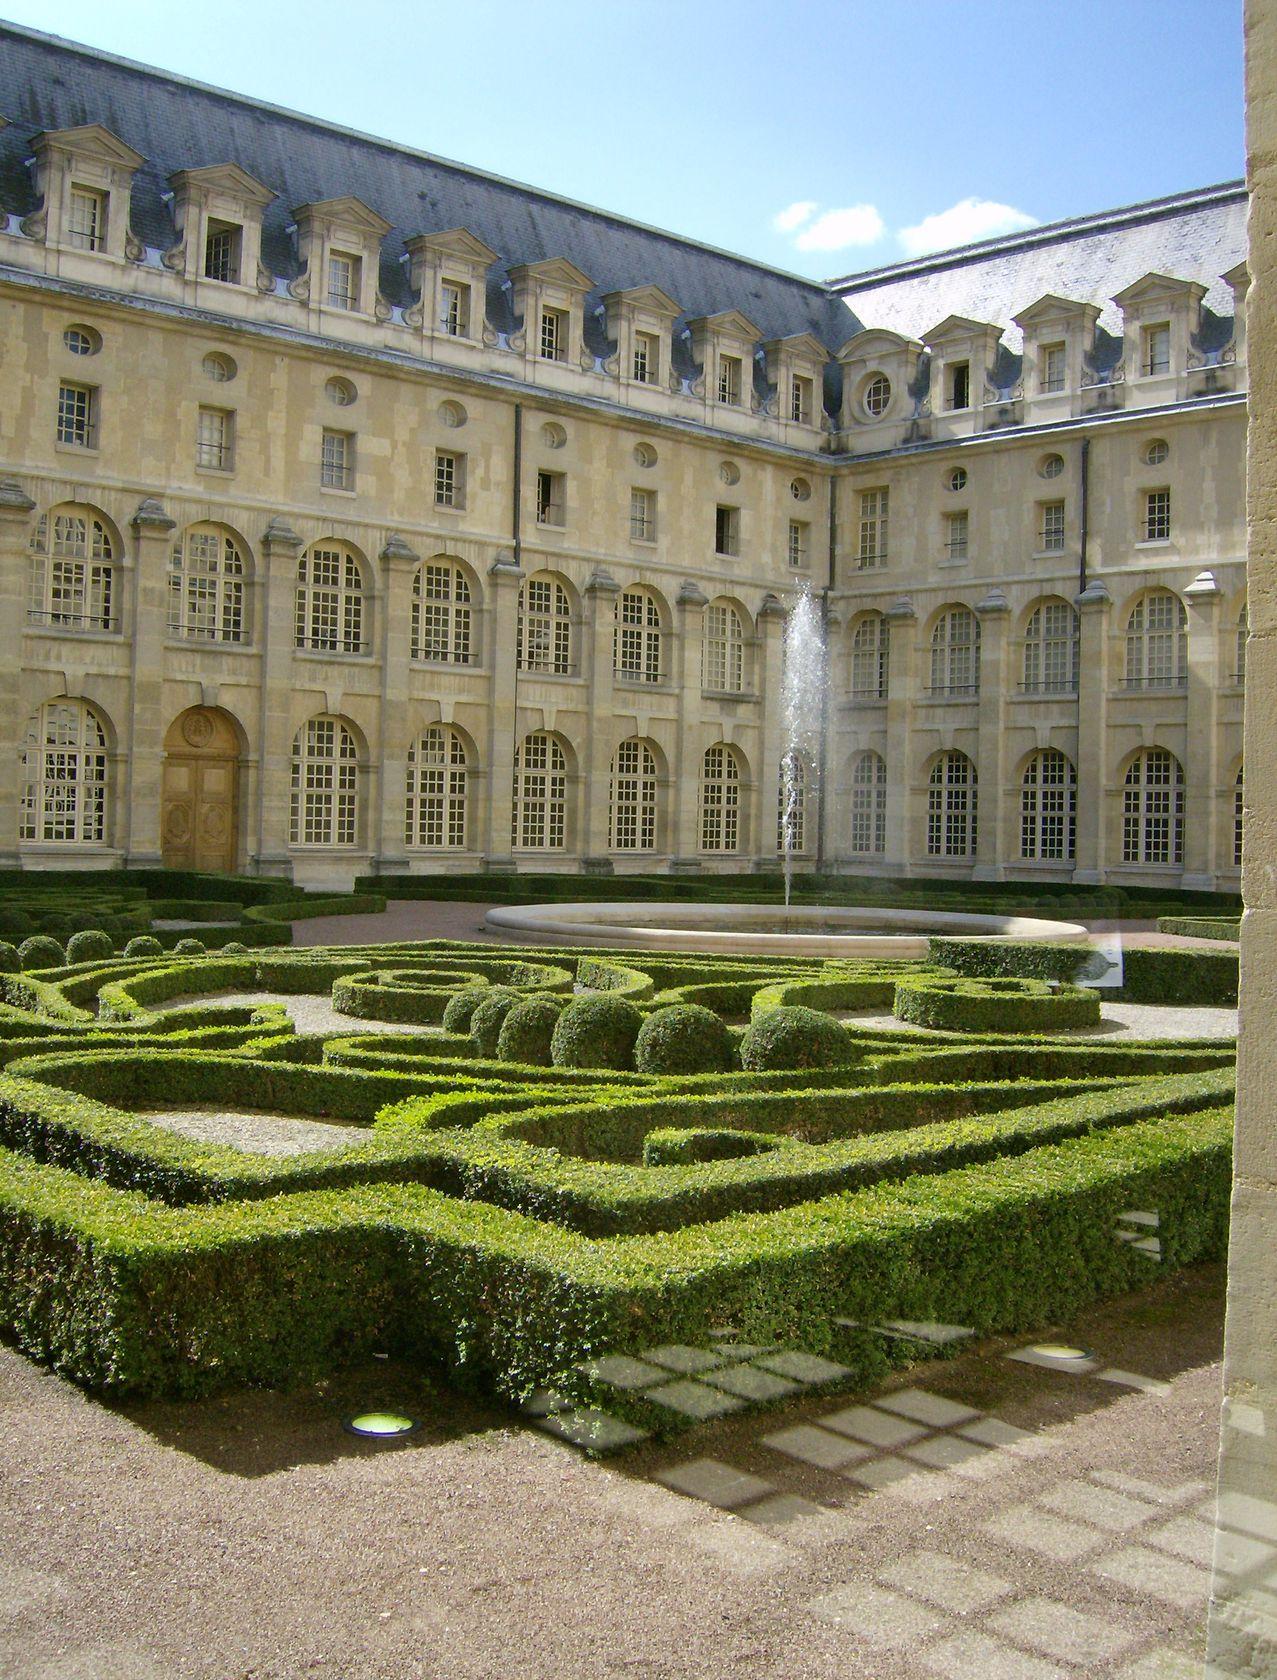 Journ es du patrimoine 18 septembre 2010 for Interieur d un couvent streaming